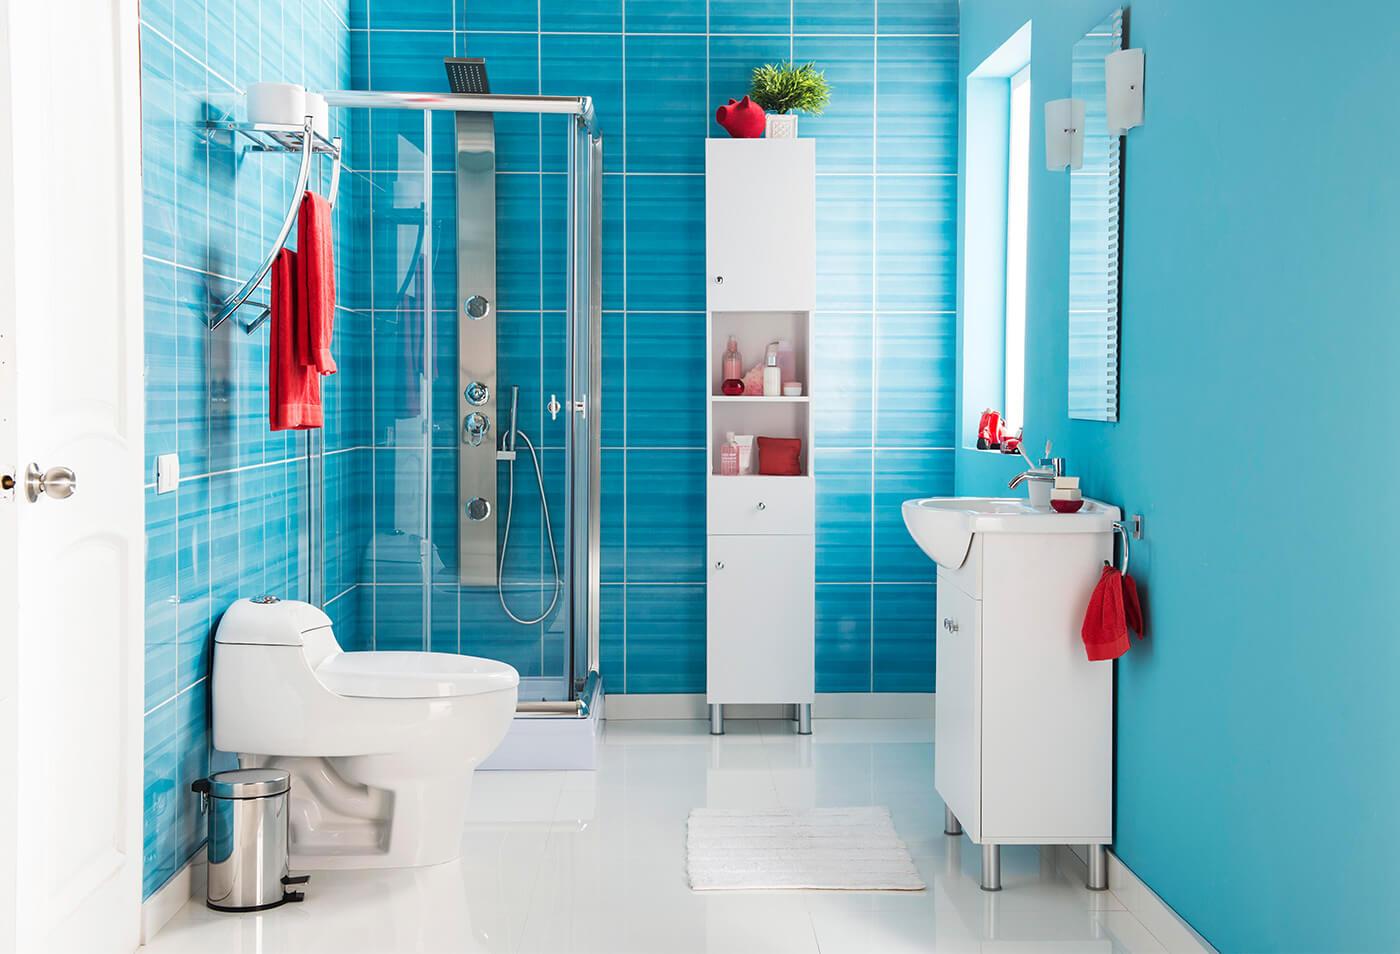 Promart cat logo especial ba os - Modelos de banos y duchas ...